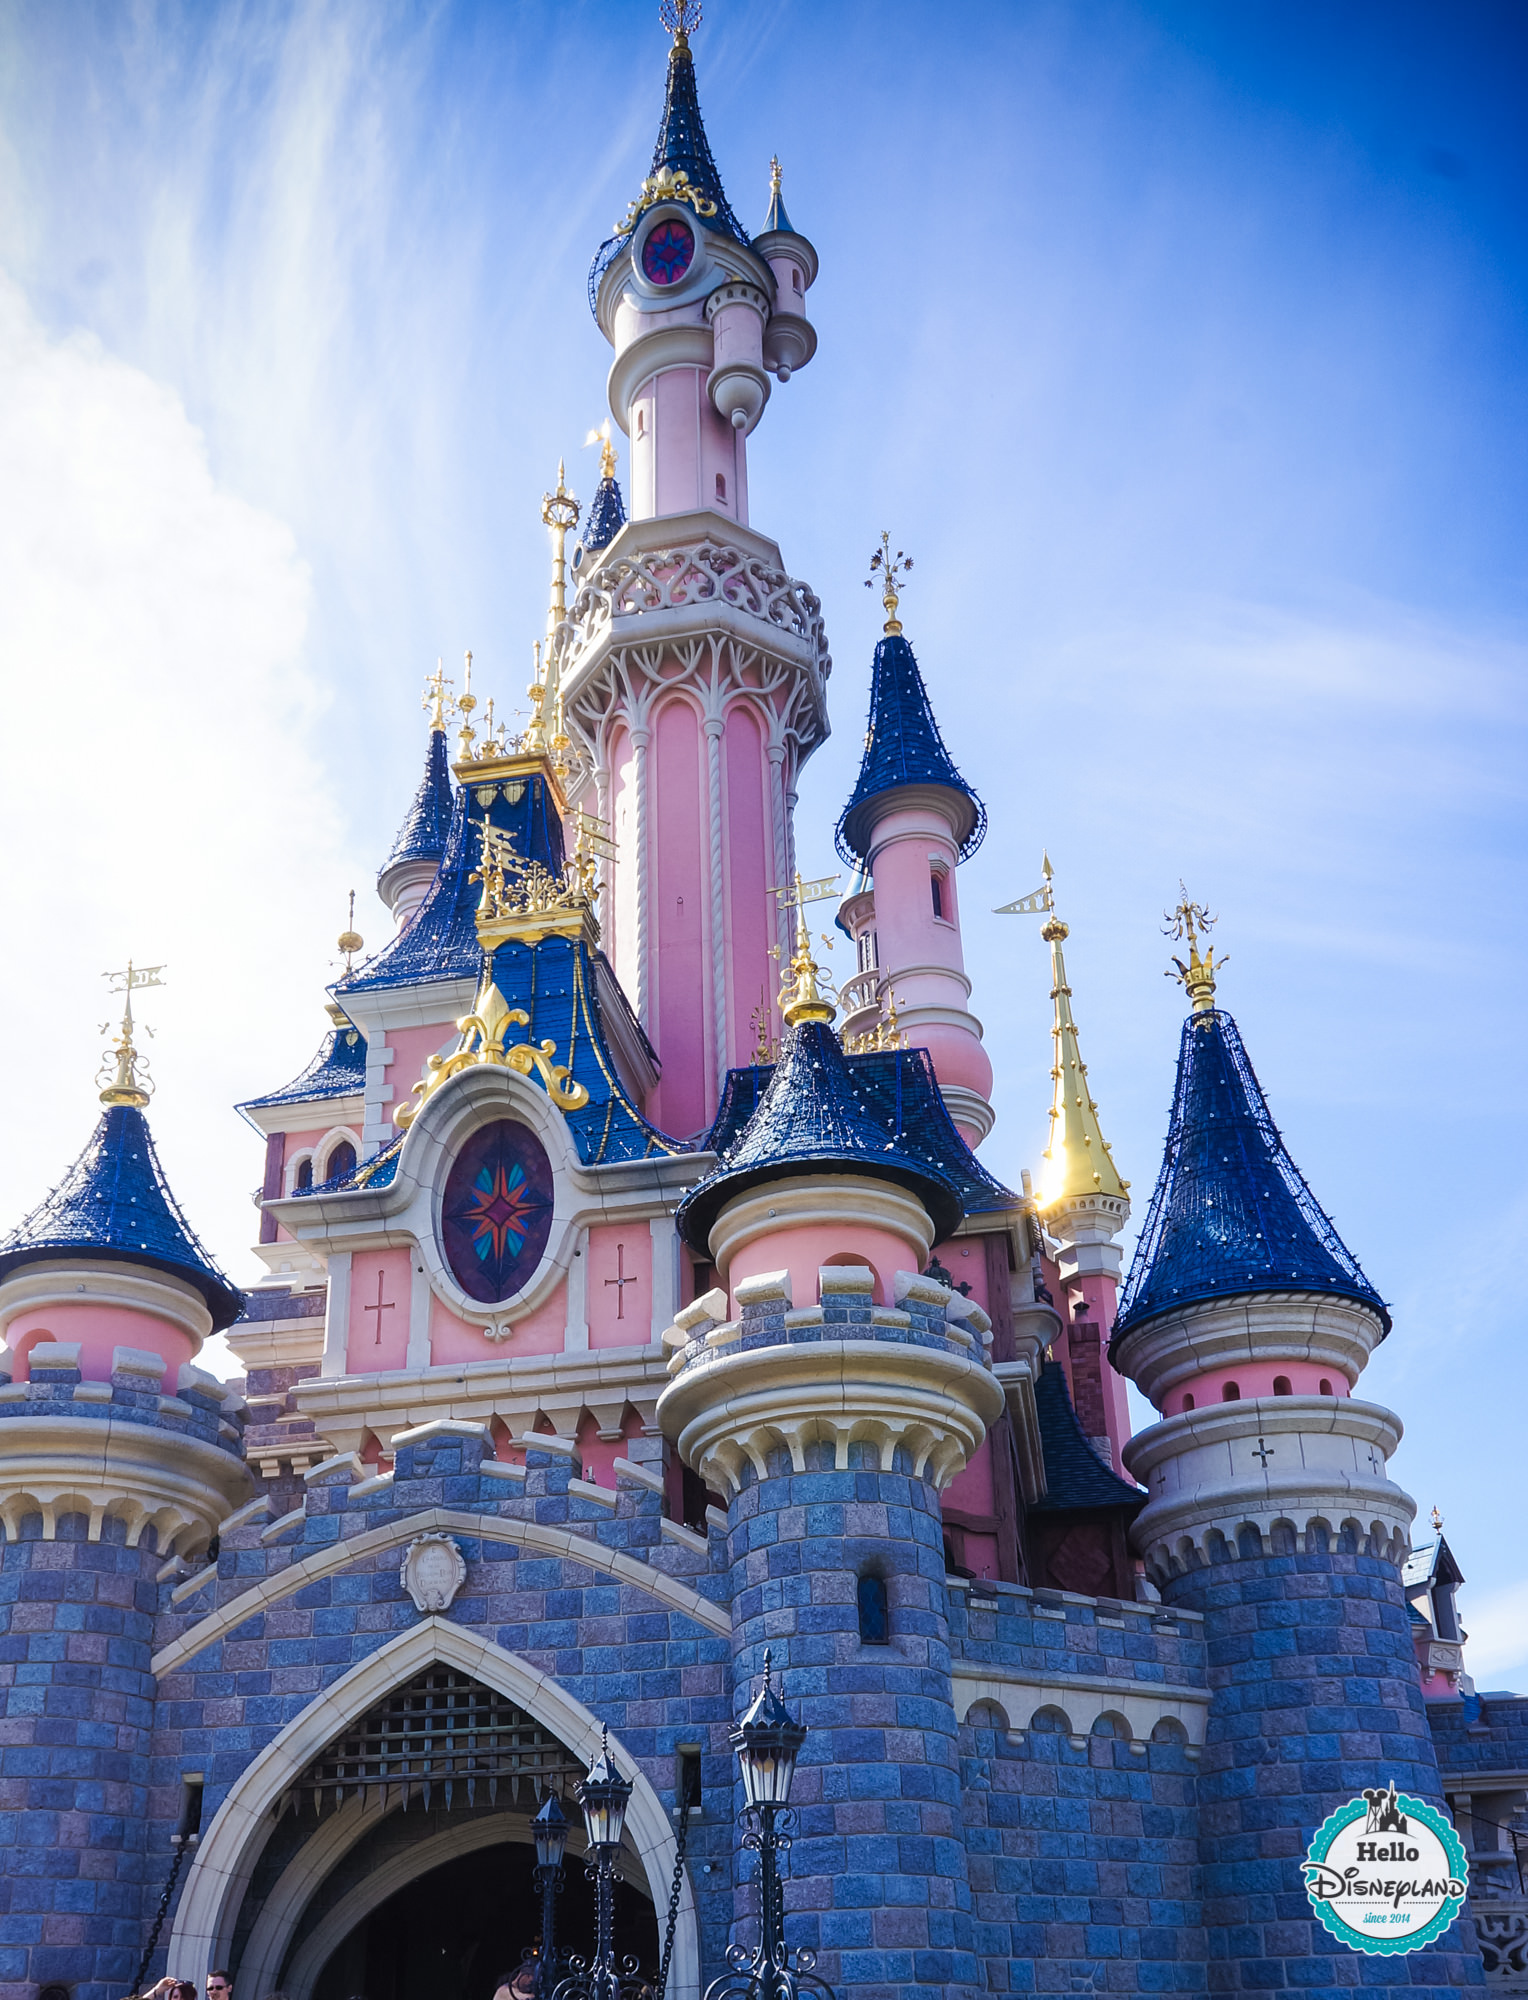 Le Château de la Belle au Bois Dormant - Hello Disneyland